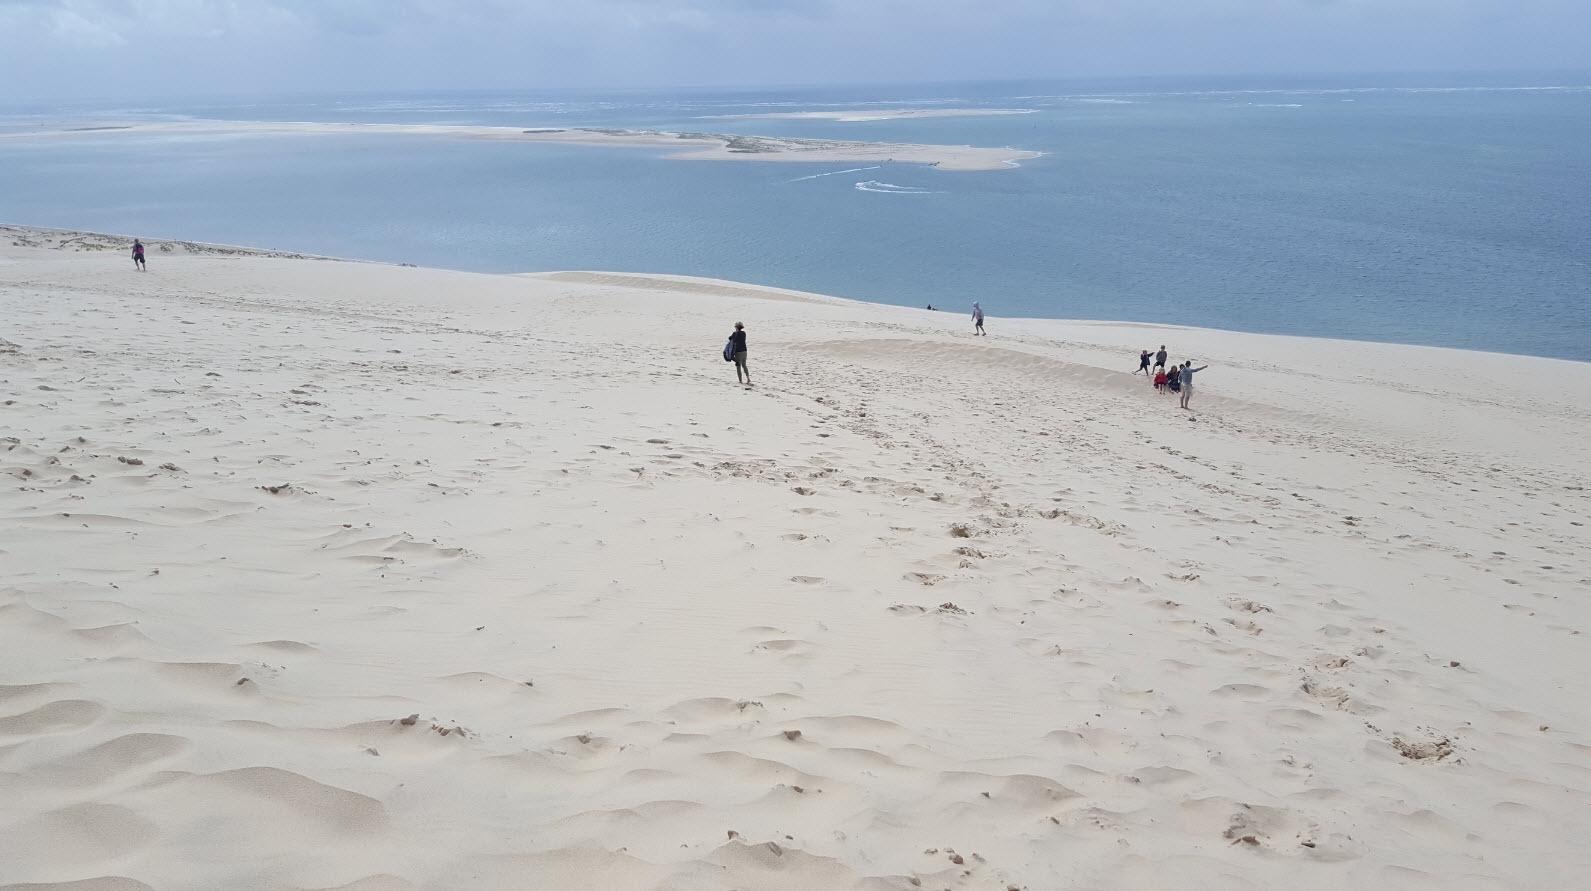 Vue depuis le haut de la dune du pyla